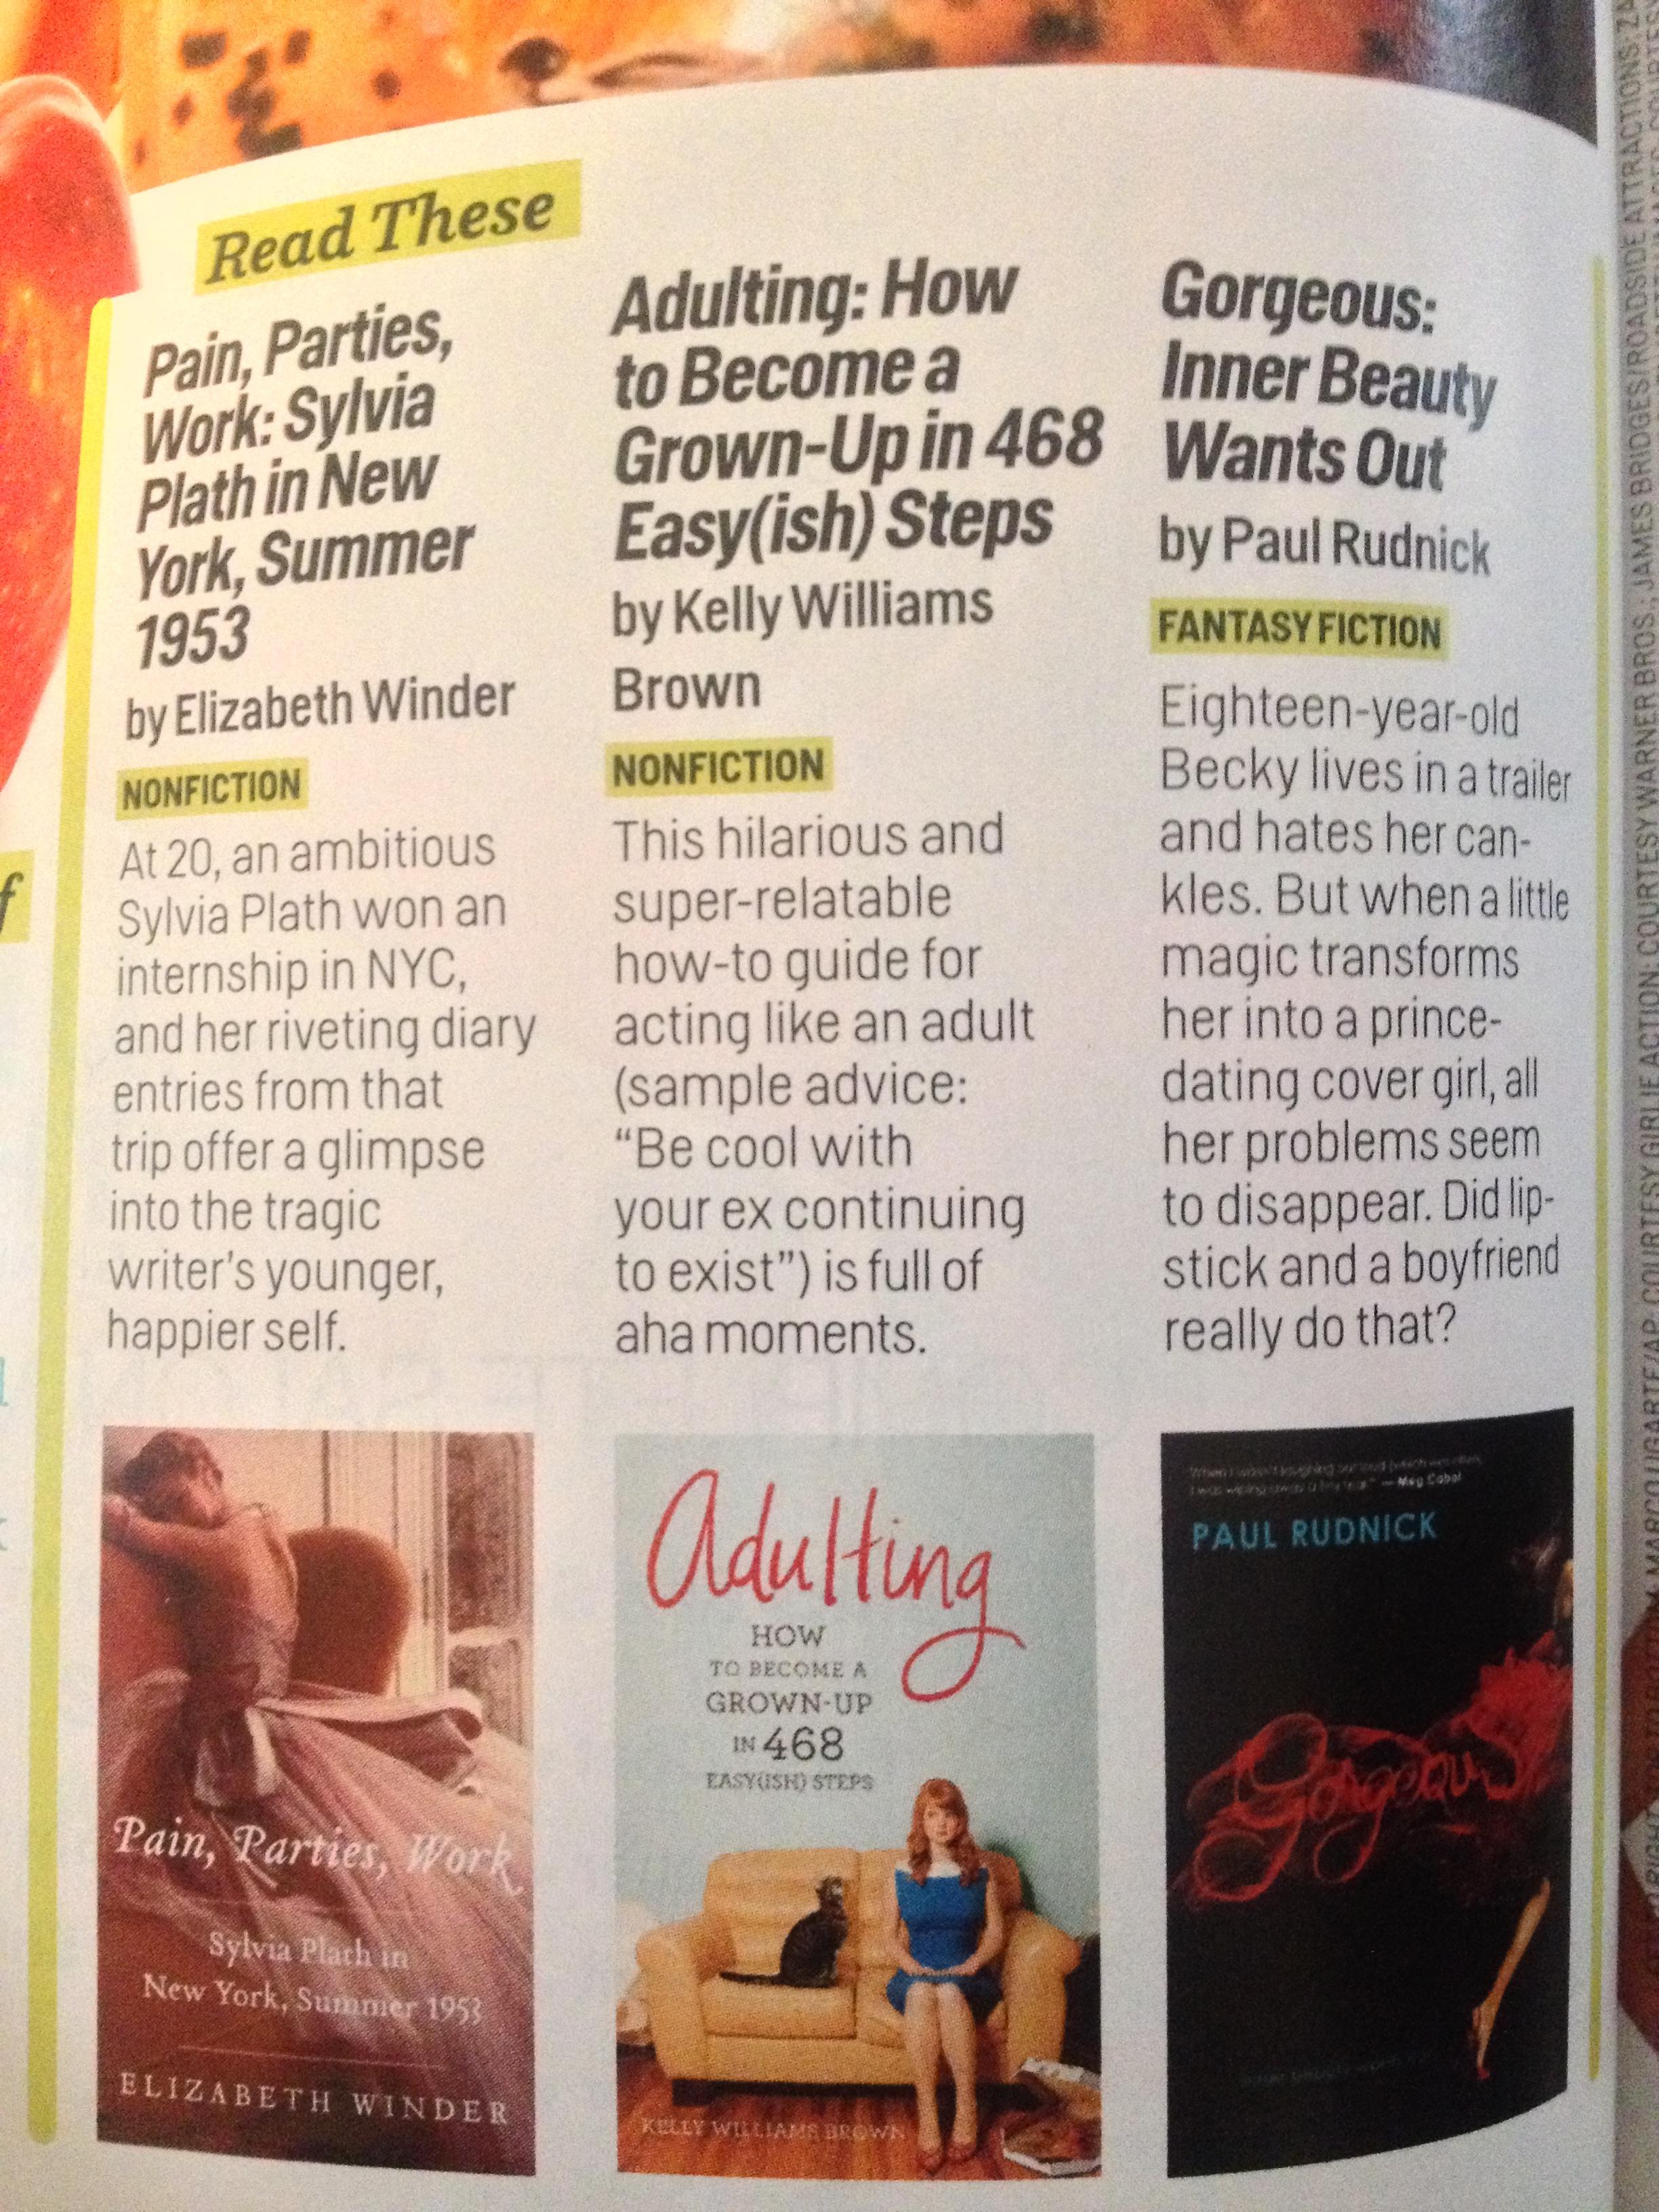 Cosmopolitan,  May 2013